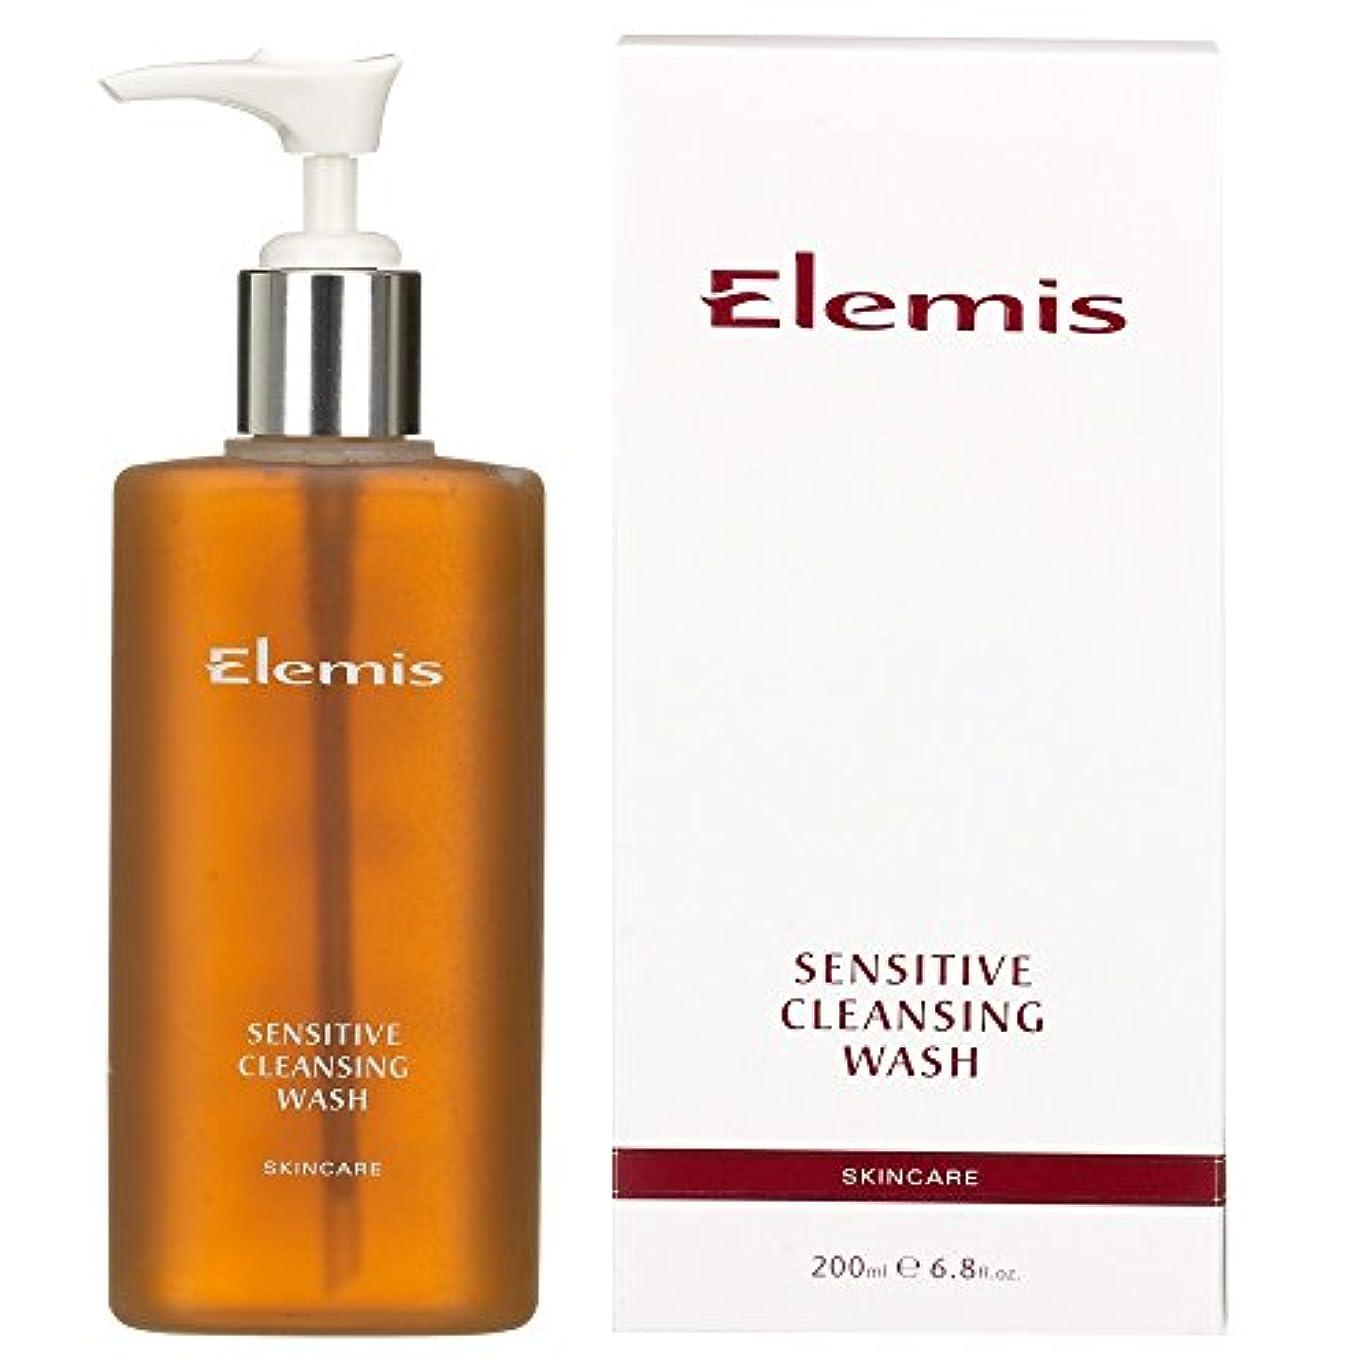 委任するアンペアどこでもエレミスは敏感クレンジングウォッシュをスキンケア (Elemis) (x6) - Elemis Skincare Sensitive Cleansing Wash (Pack of 6) [並行輸入品]